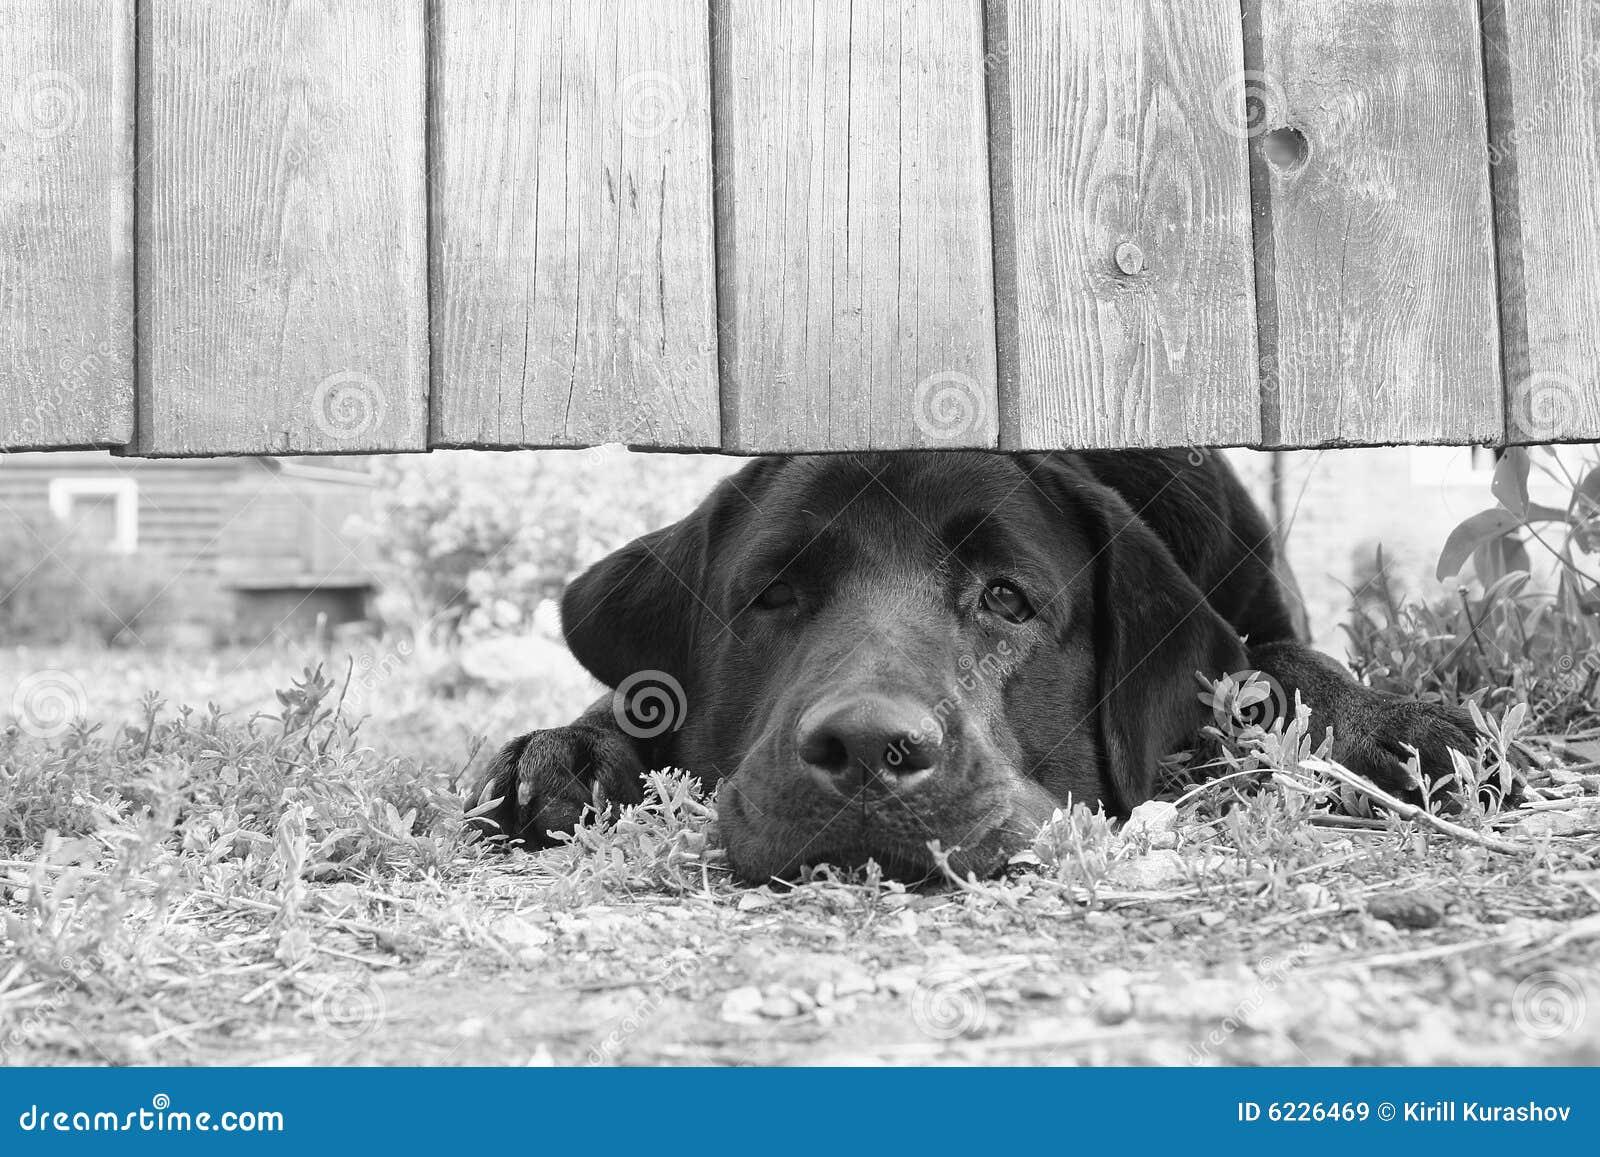 SAD Under För Hundstaket Royaltyfria Bilder - Bild: 6226469 : hundstaket : Staket